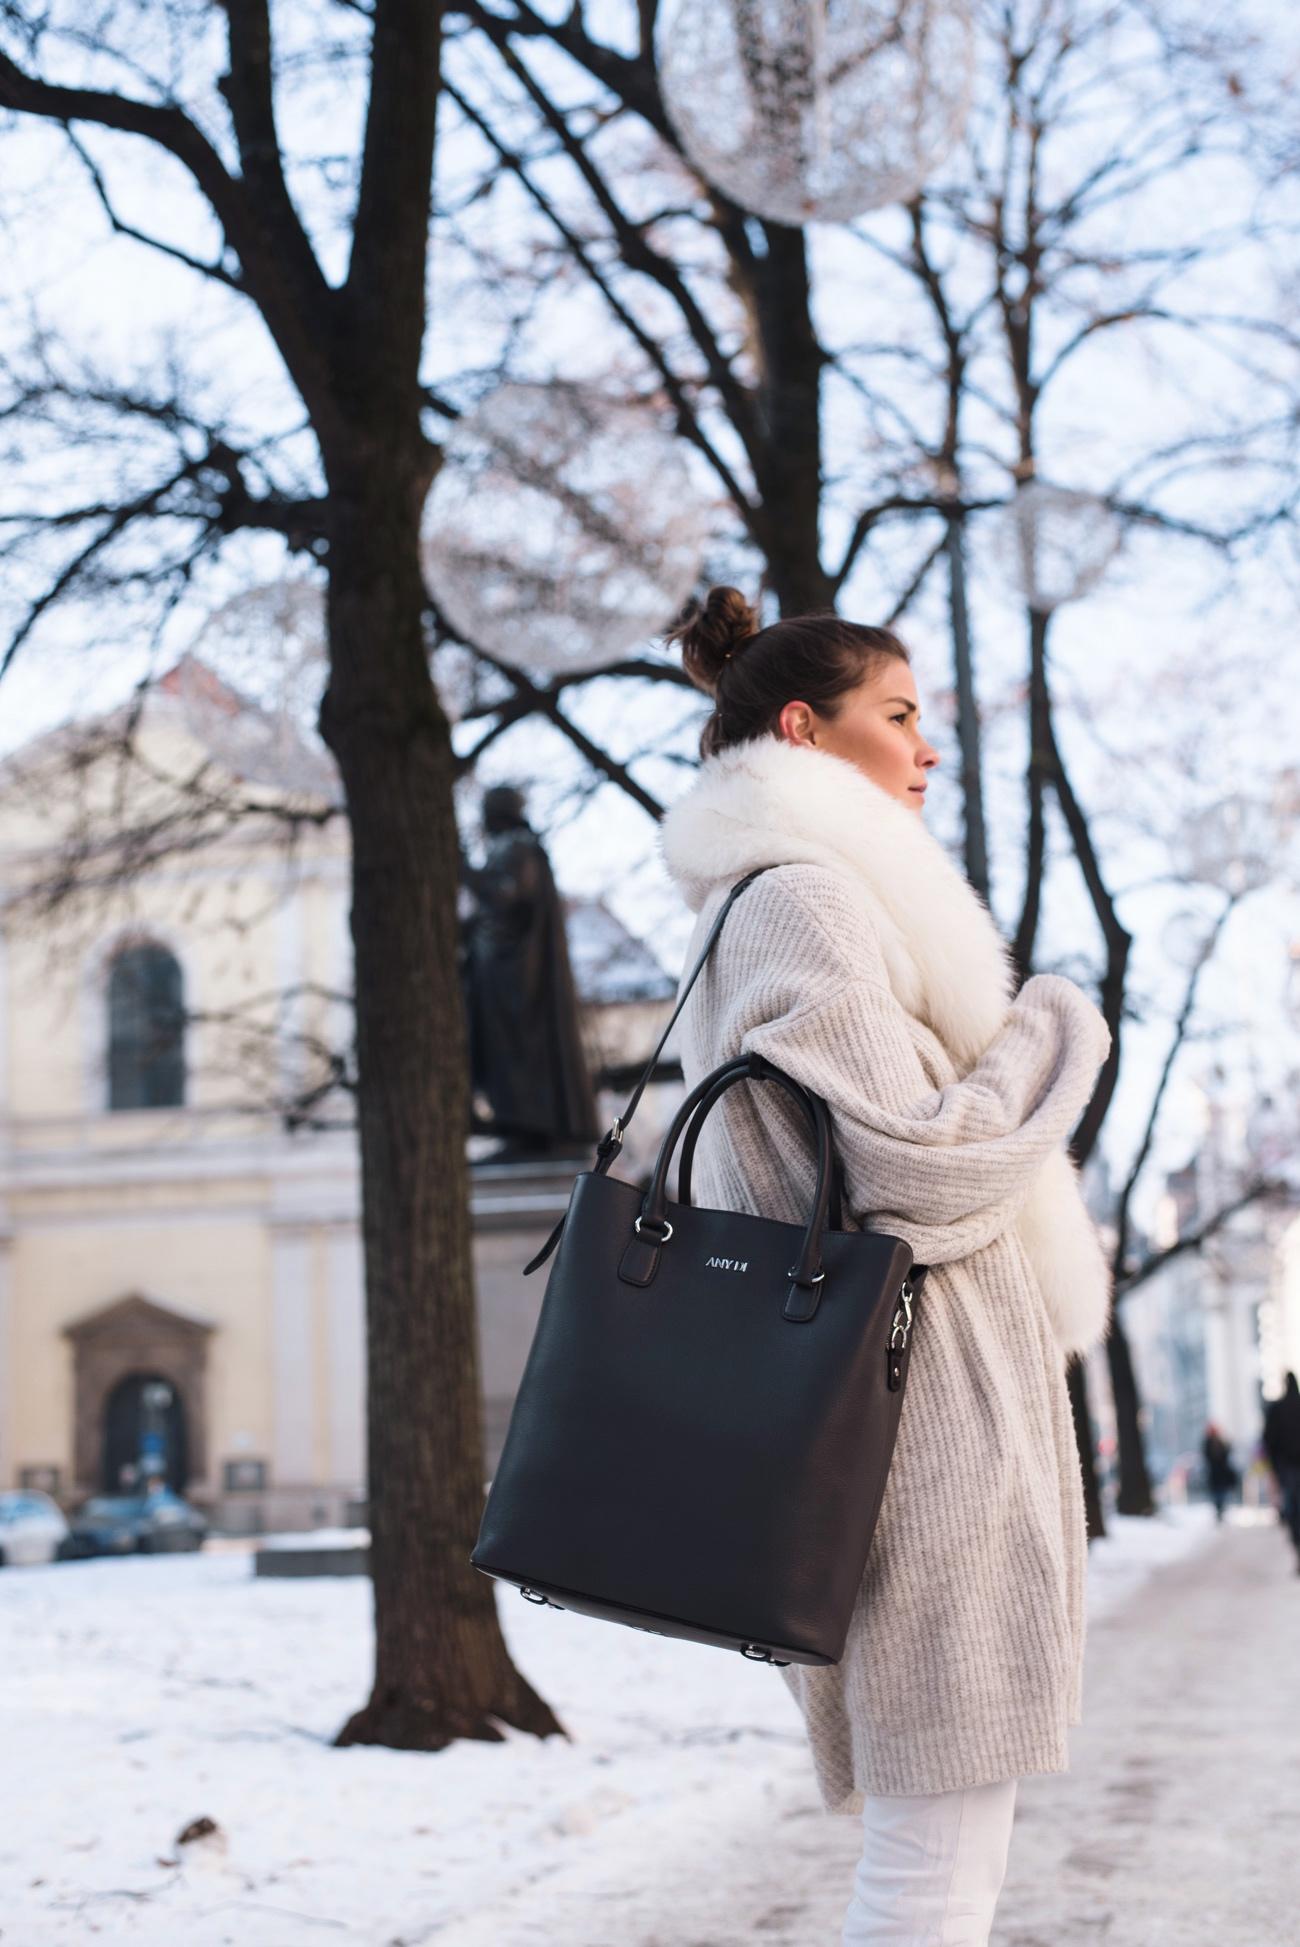 fashionblog-deutschland-münchen-gute-qualität-und-hohe-reichweite-nina-schwichtenberg-fashiioncarpet